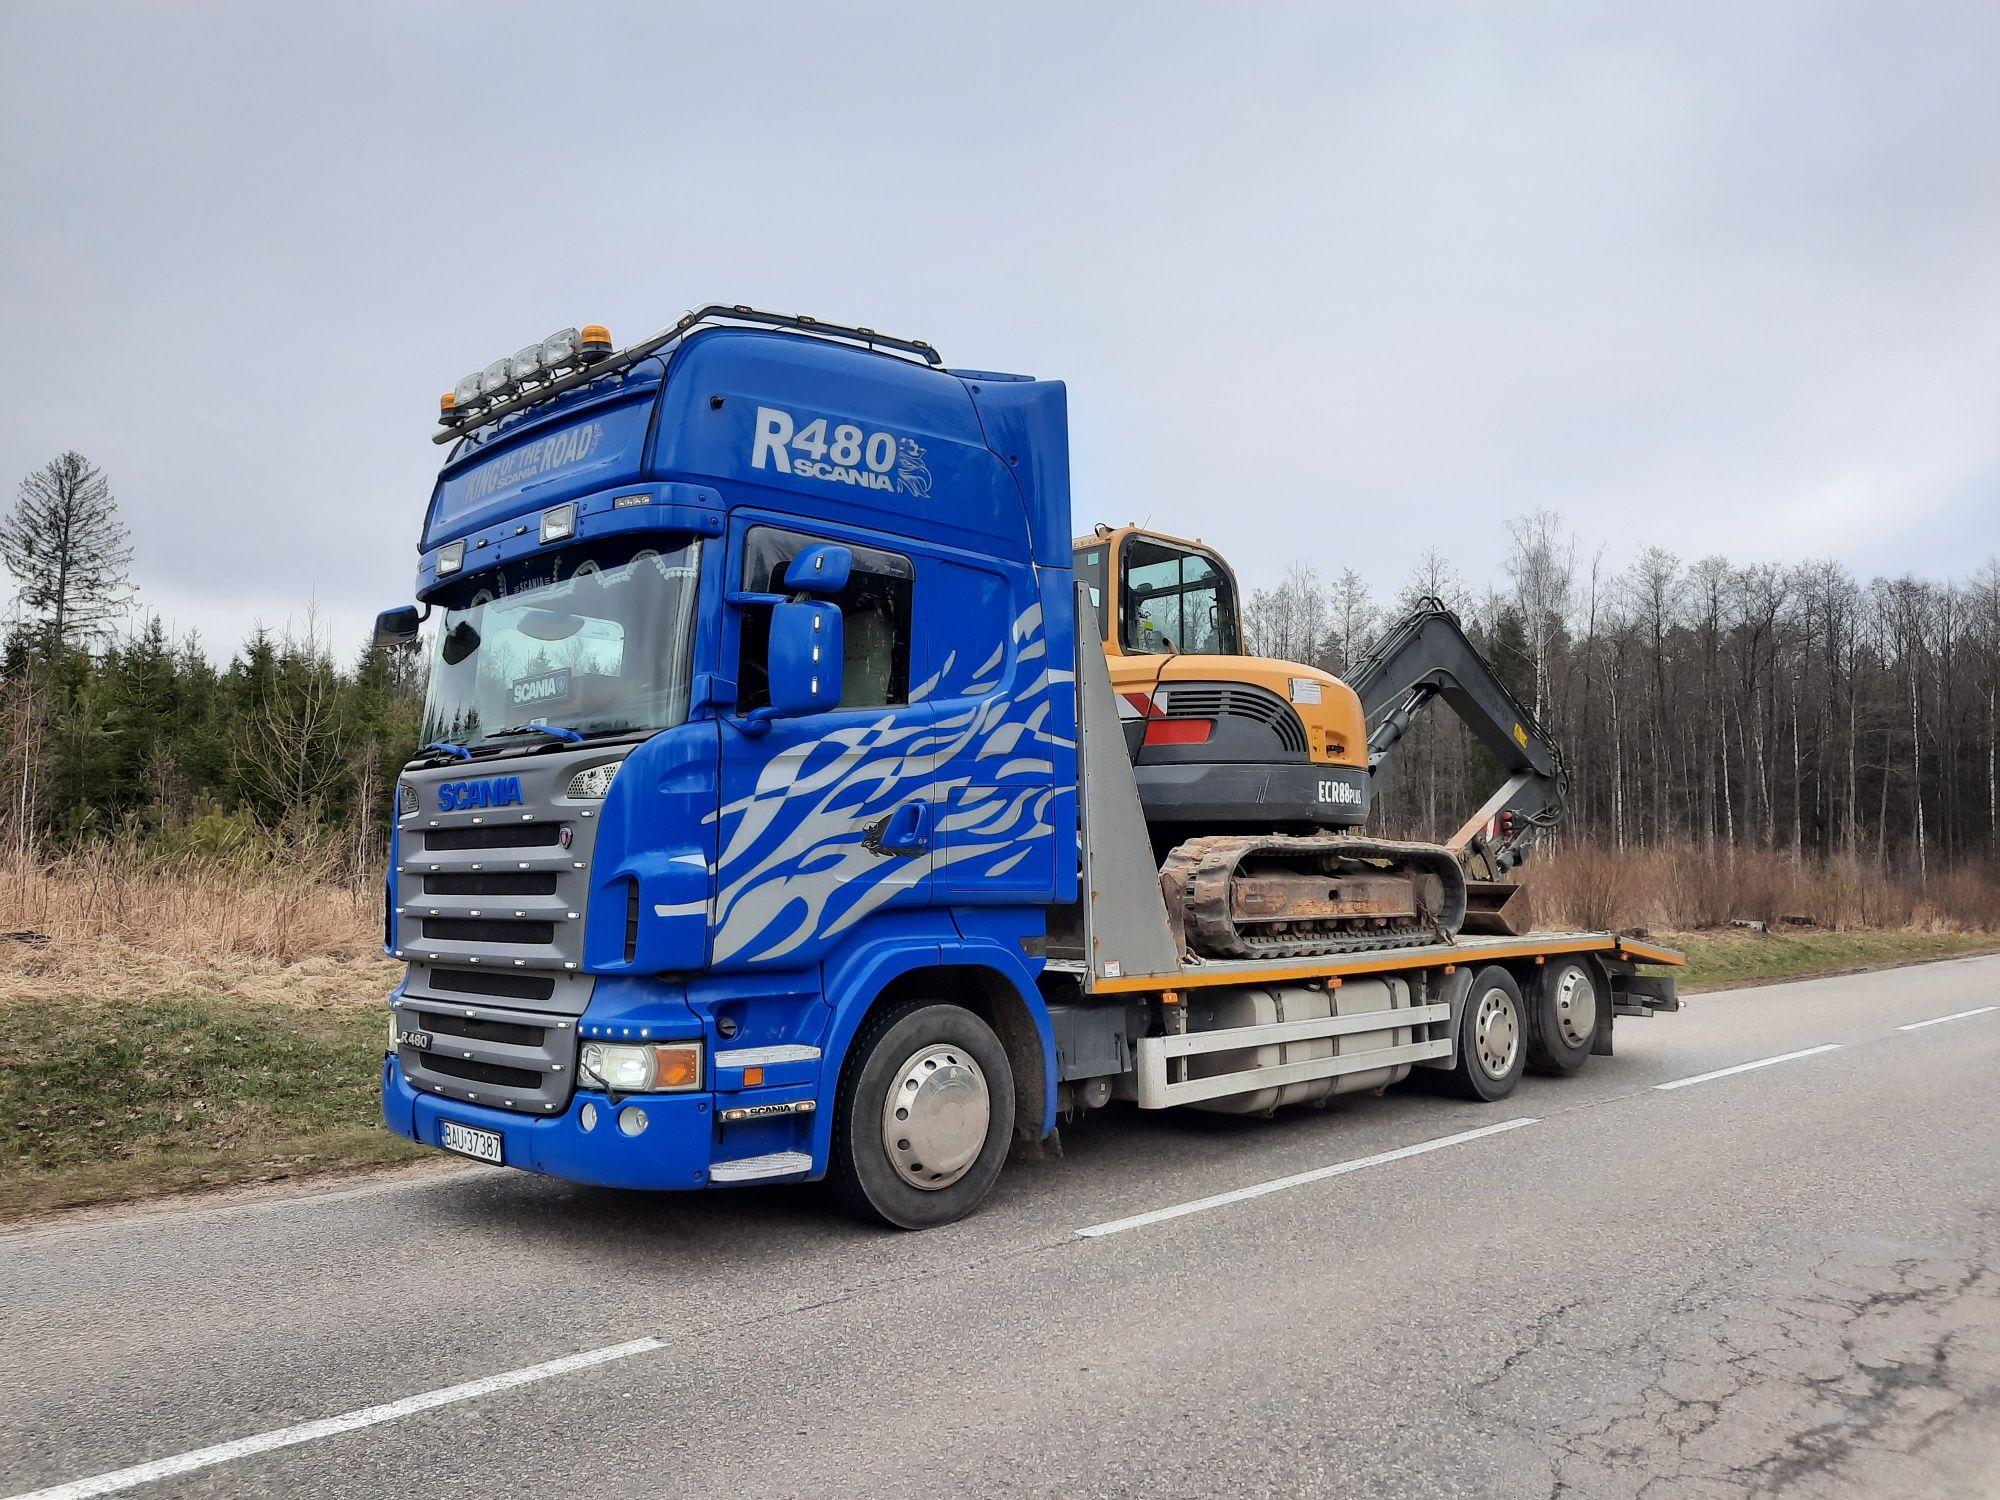 Scania pomoc drogowa specjalny autolaweta laweta niskopodwoziowa